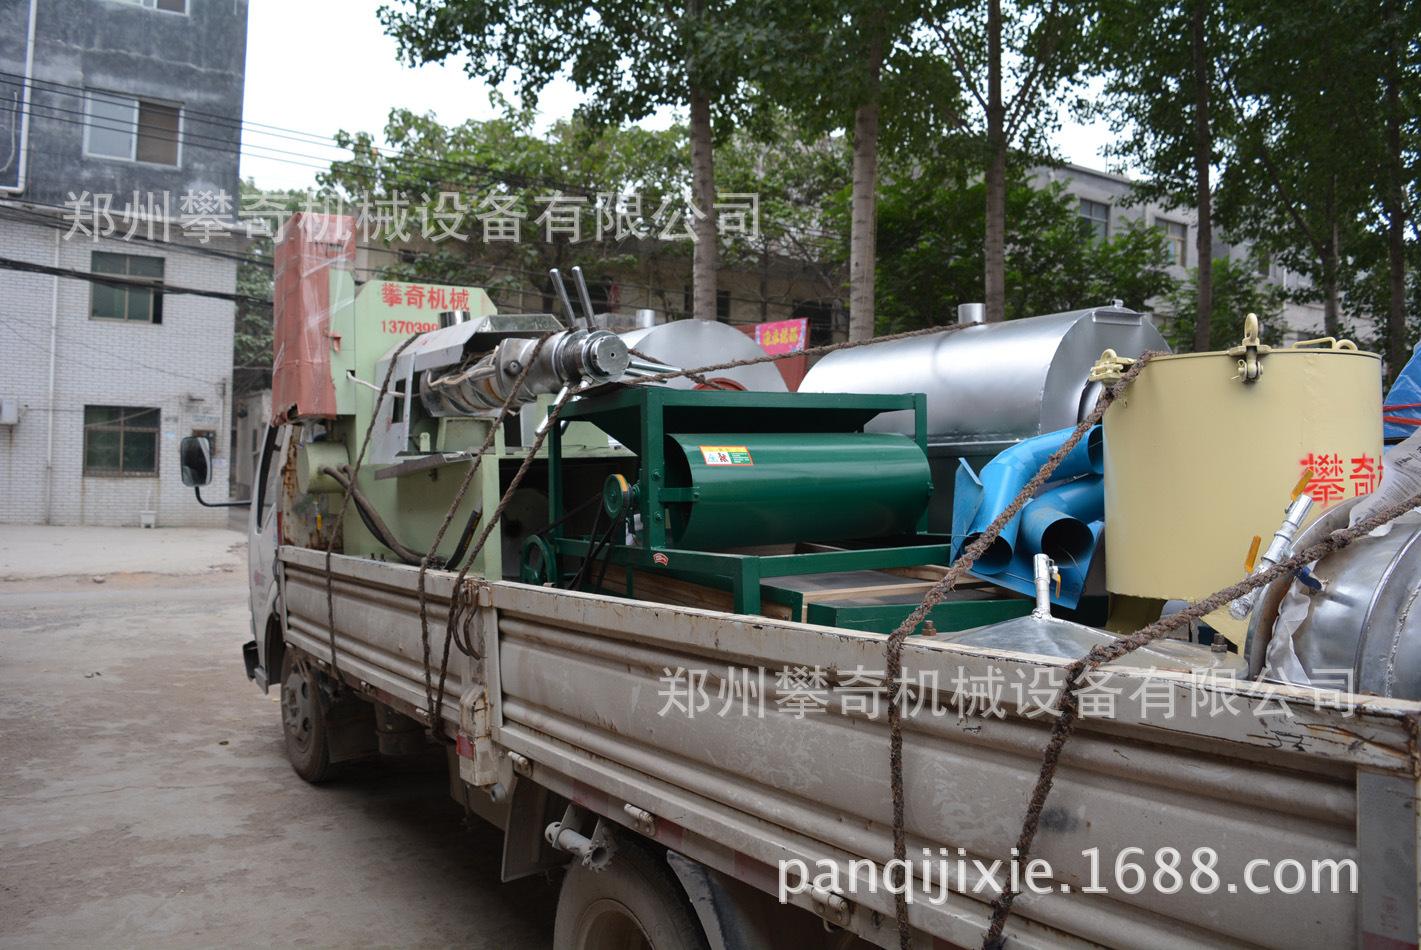 推荐高产量榨油机螺旋榨油机全自动榨油机设备示例图9